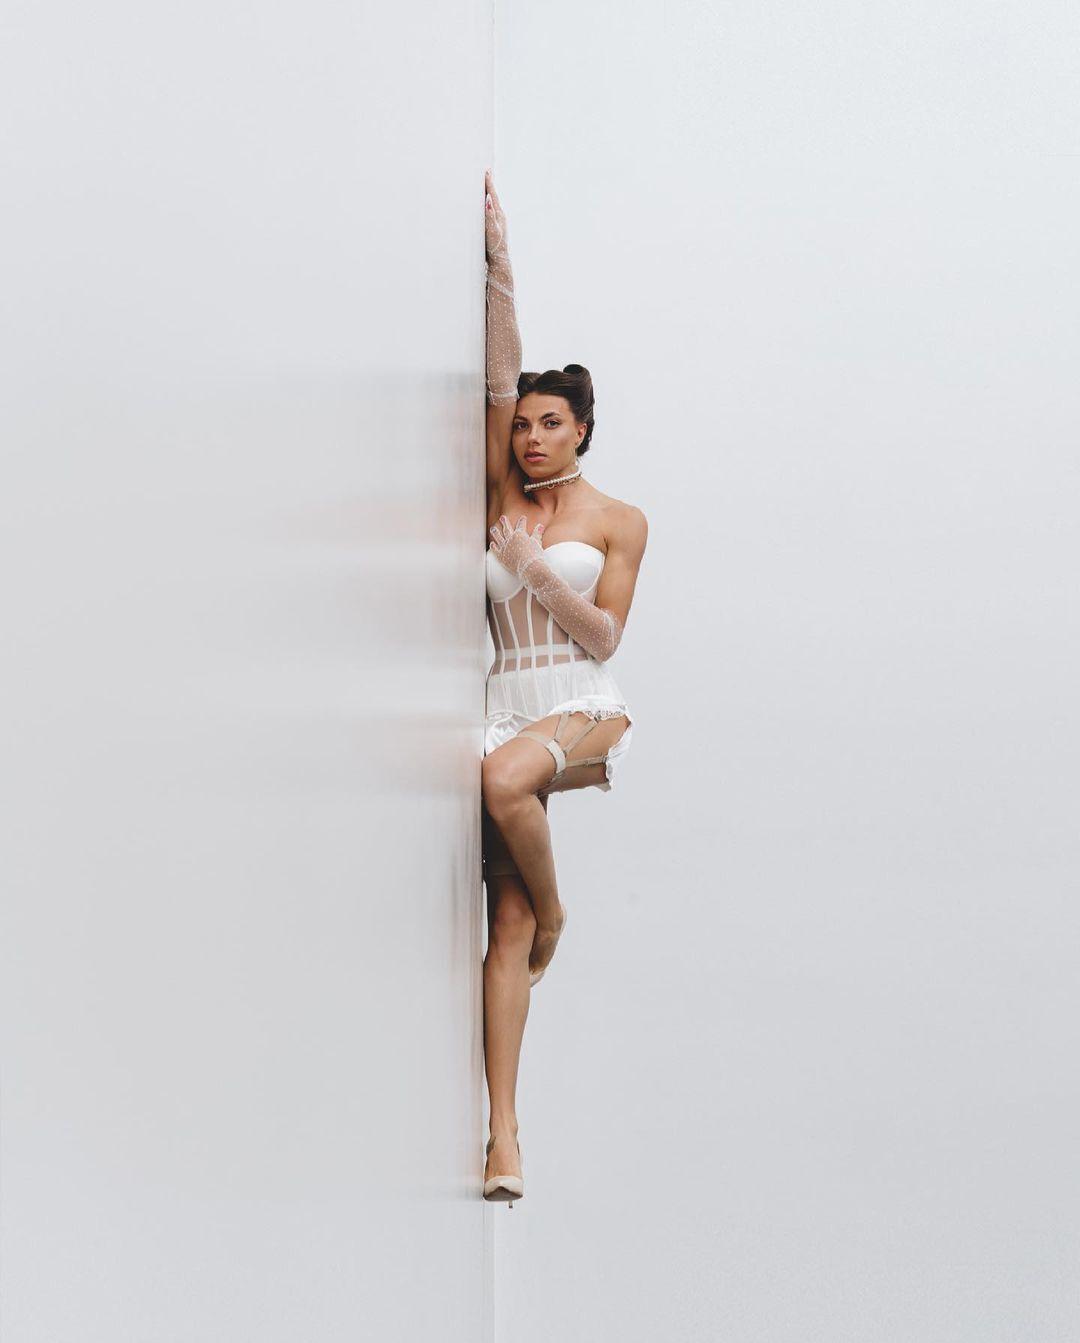 Марина Бех-Романчук розтягнулася на підлозі